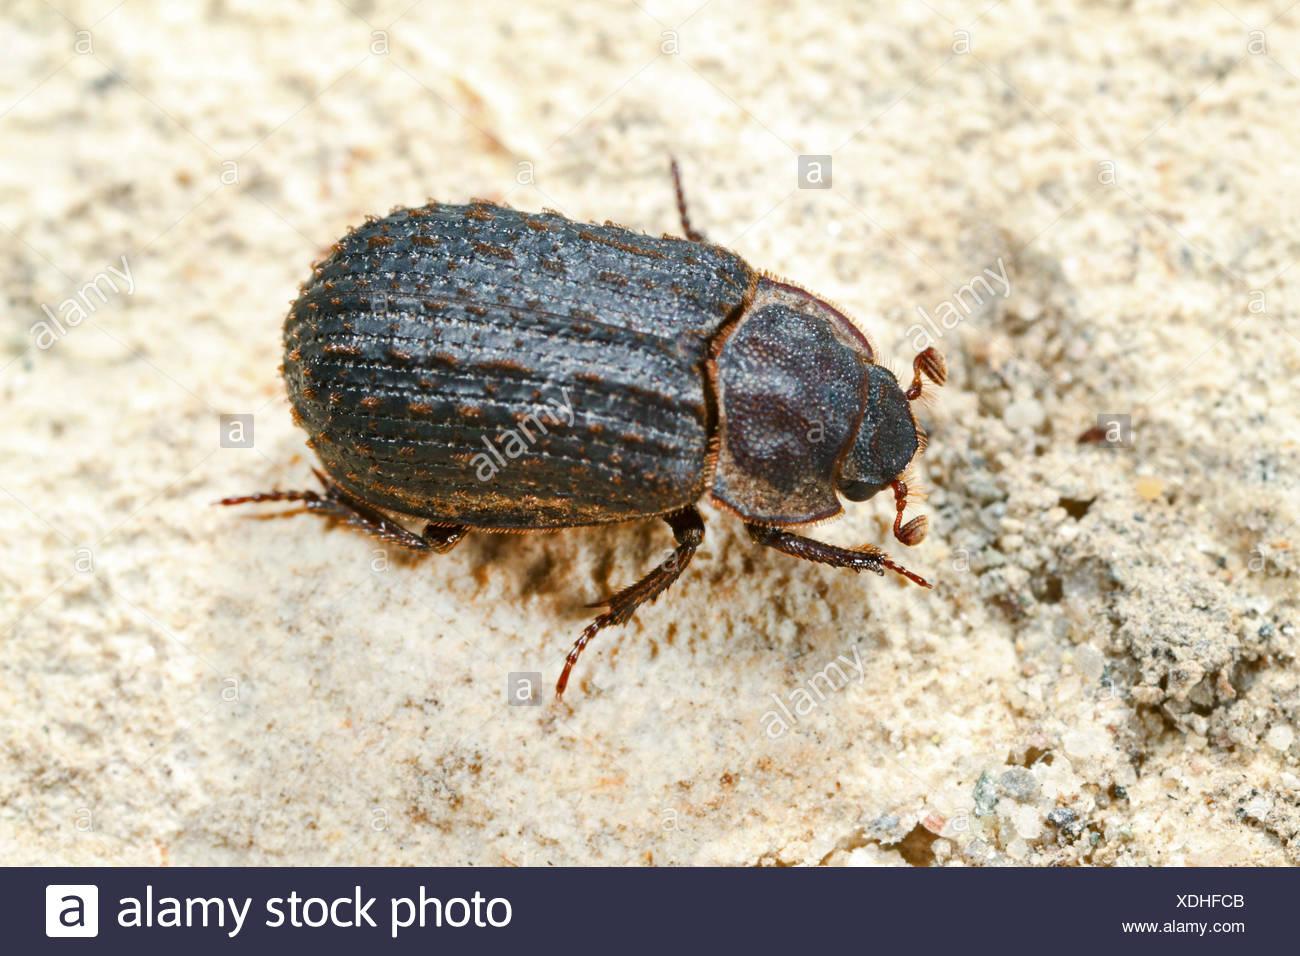 Verstecken Sie Käfer (Trox Scaber, Trox Scabra), Draufsicht, Deutschland Stockbild